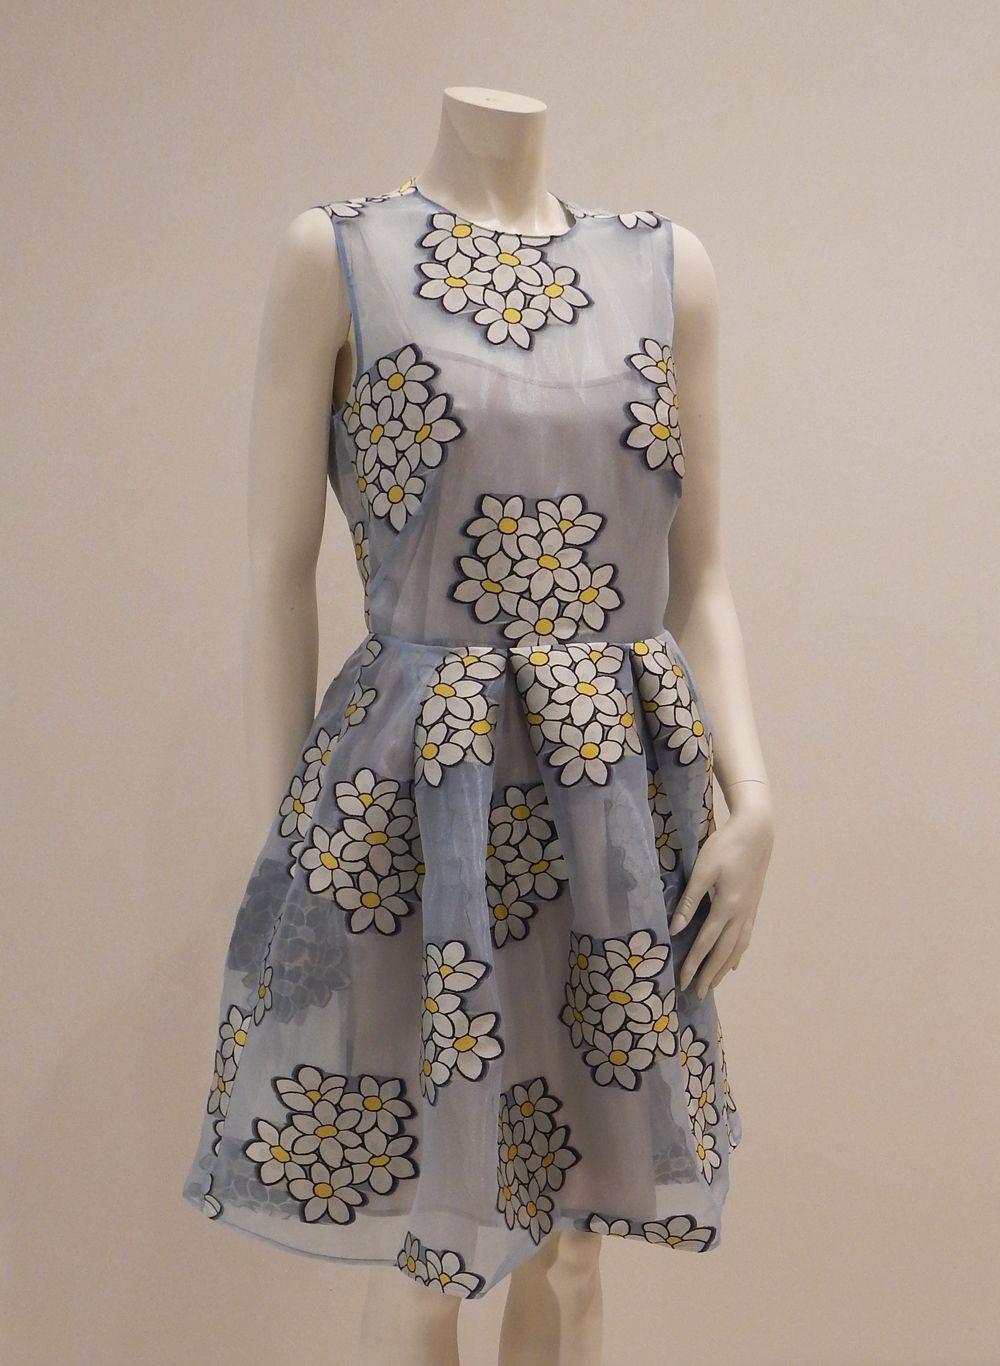 bf931c96d825 Originale e stupendo abito fiorato di Valentino - provalo da Santino Punto  Moda!